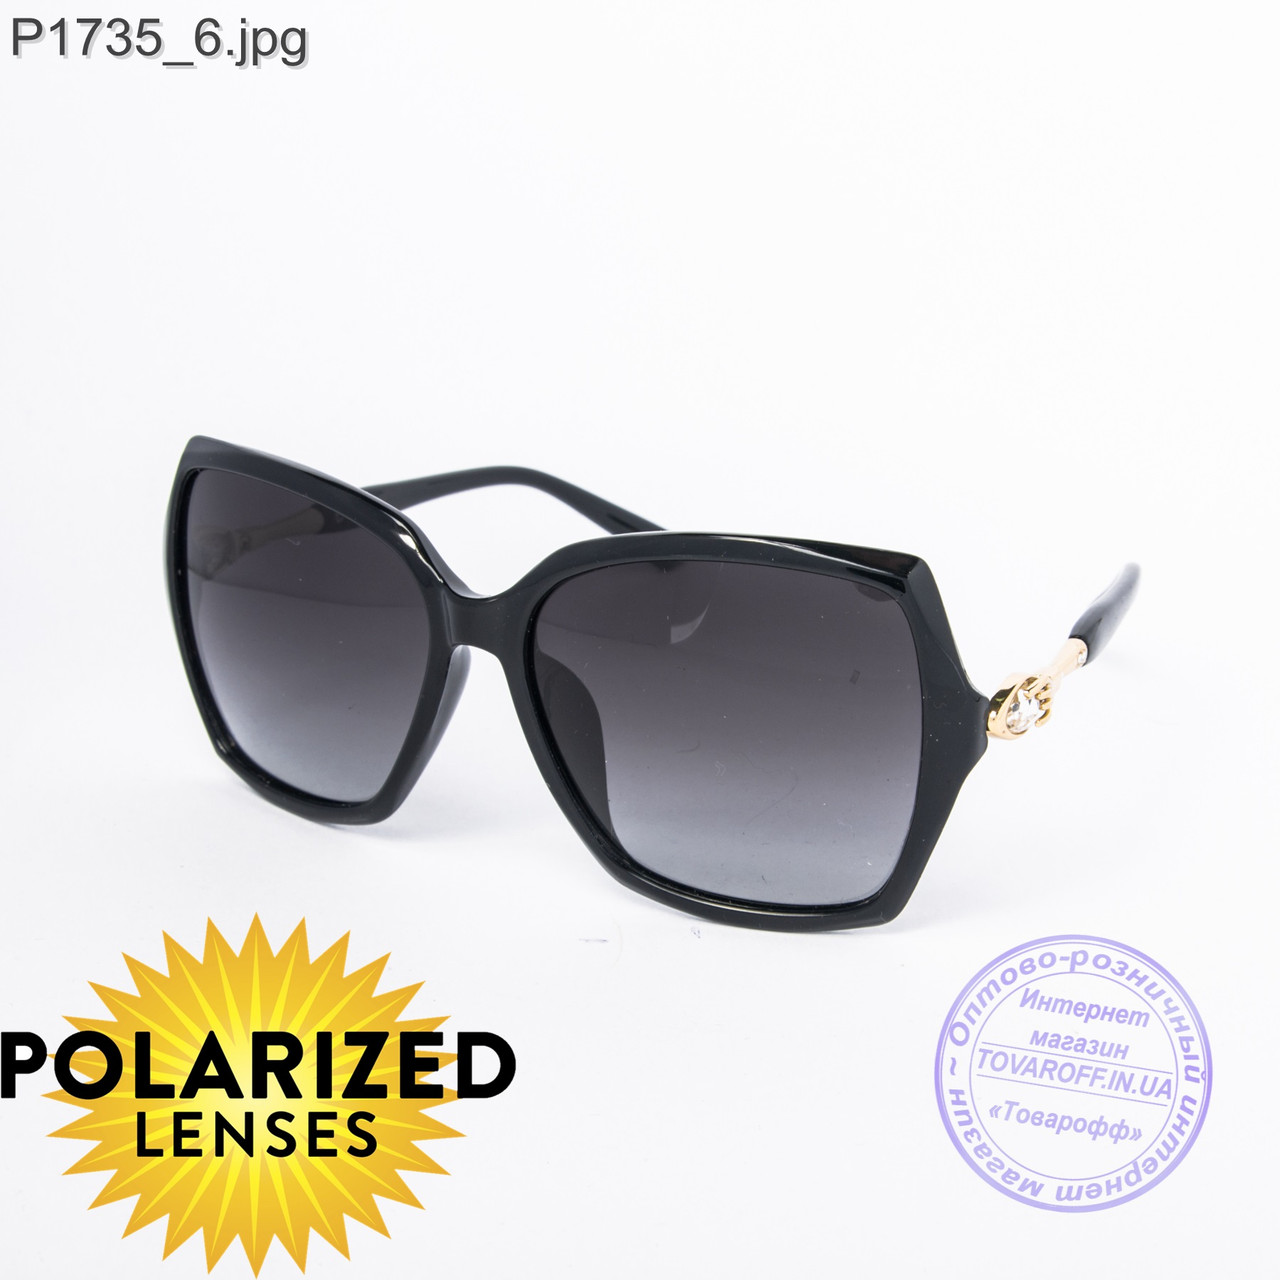 Поляризационные женские солнцезащитные очки Черные - P1735